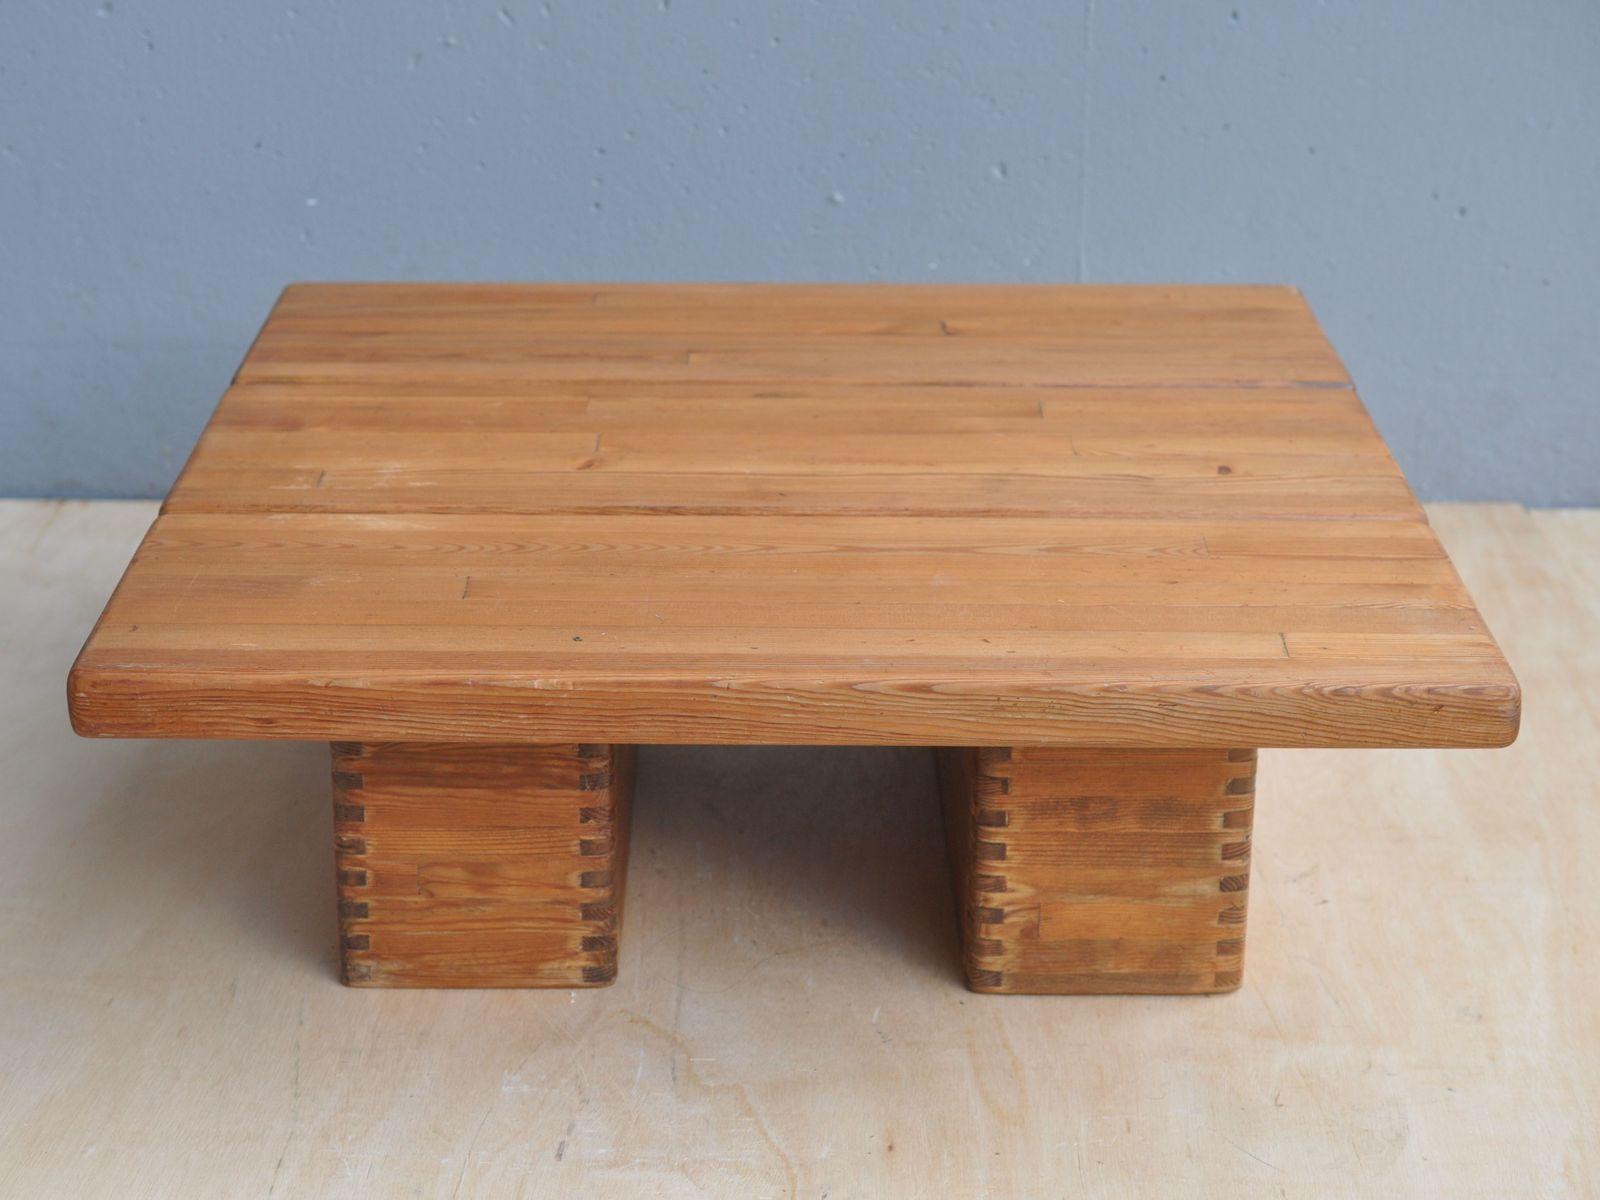 Tisch Couch Salontisch Glas Metall Beistelltisch Goldfarben Couchtisch Holz Glas Quadratisch Couchtis Couchtisch Metall Couchtisch Holz Glas Couchtisch